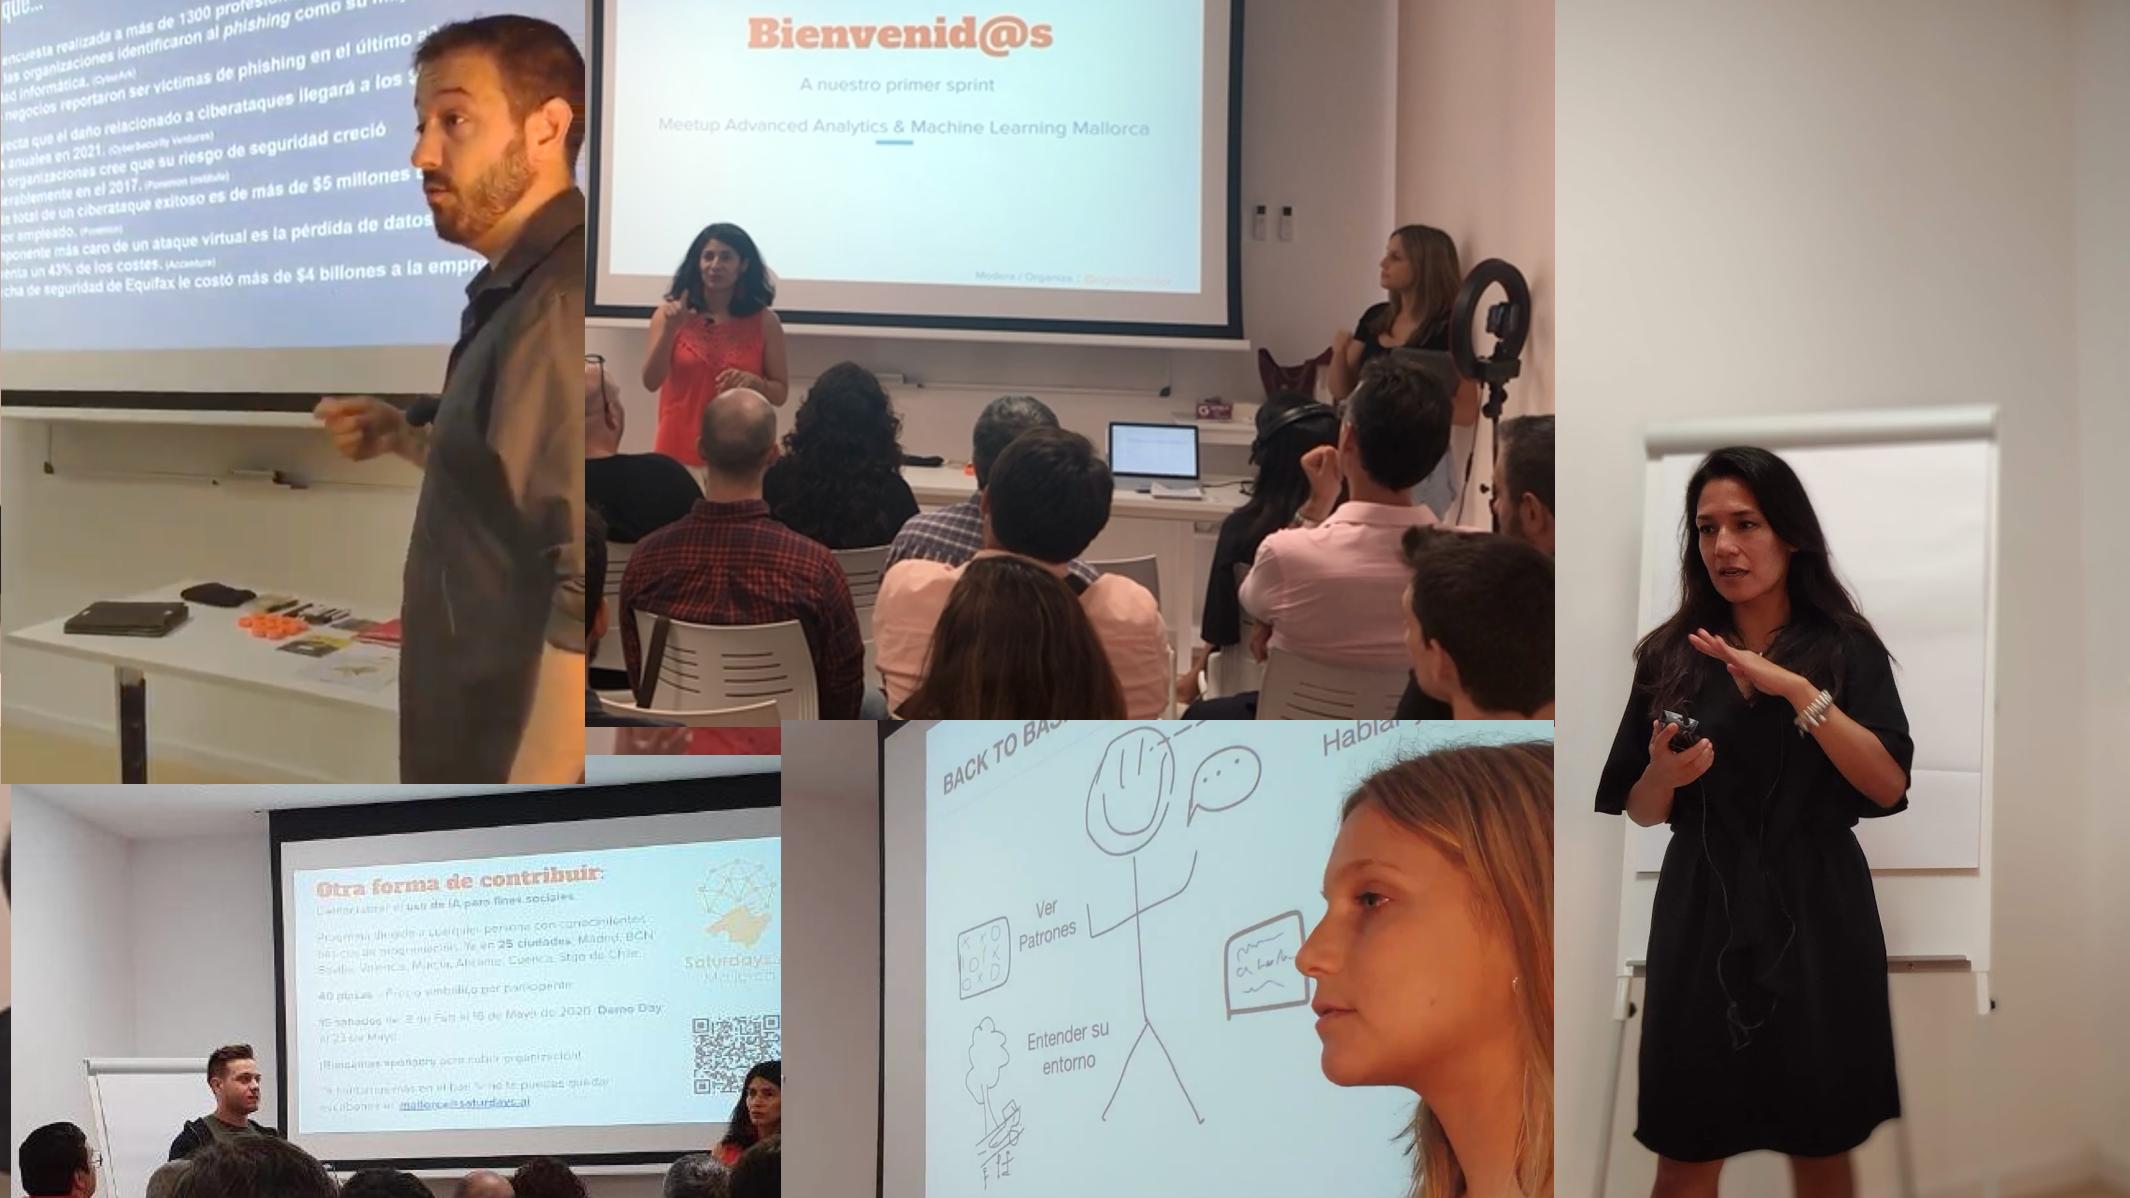 Advanced Analytics and Machine Learning Mallorca